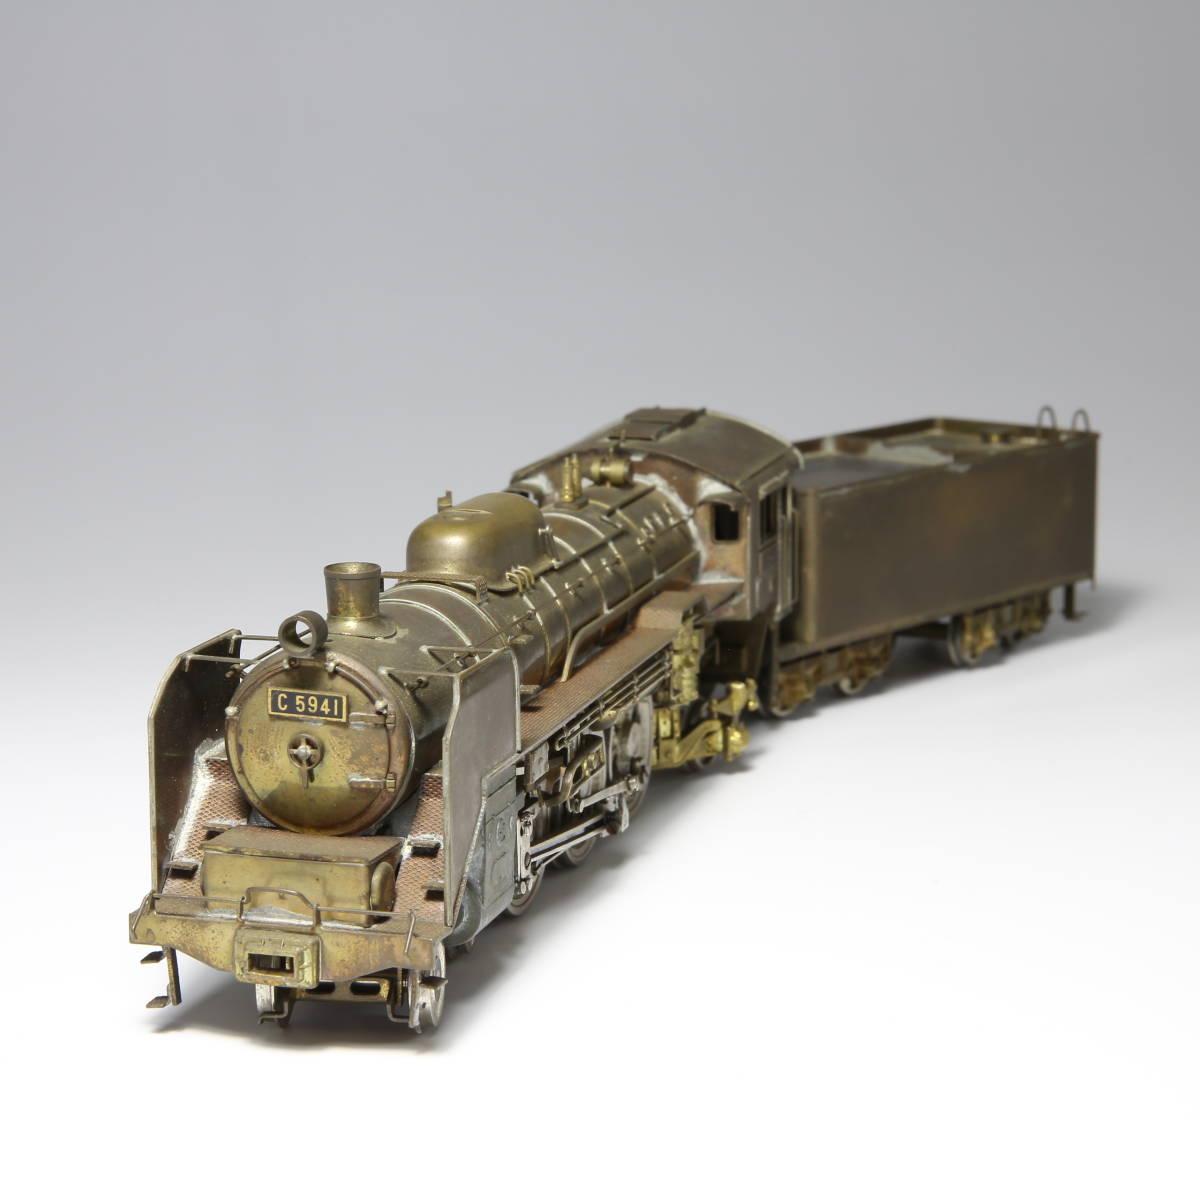 メーカー不明 国鉄 C59 蒸気機関車 未塗装 送料無料